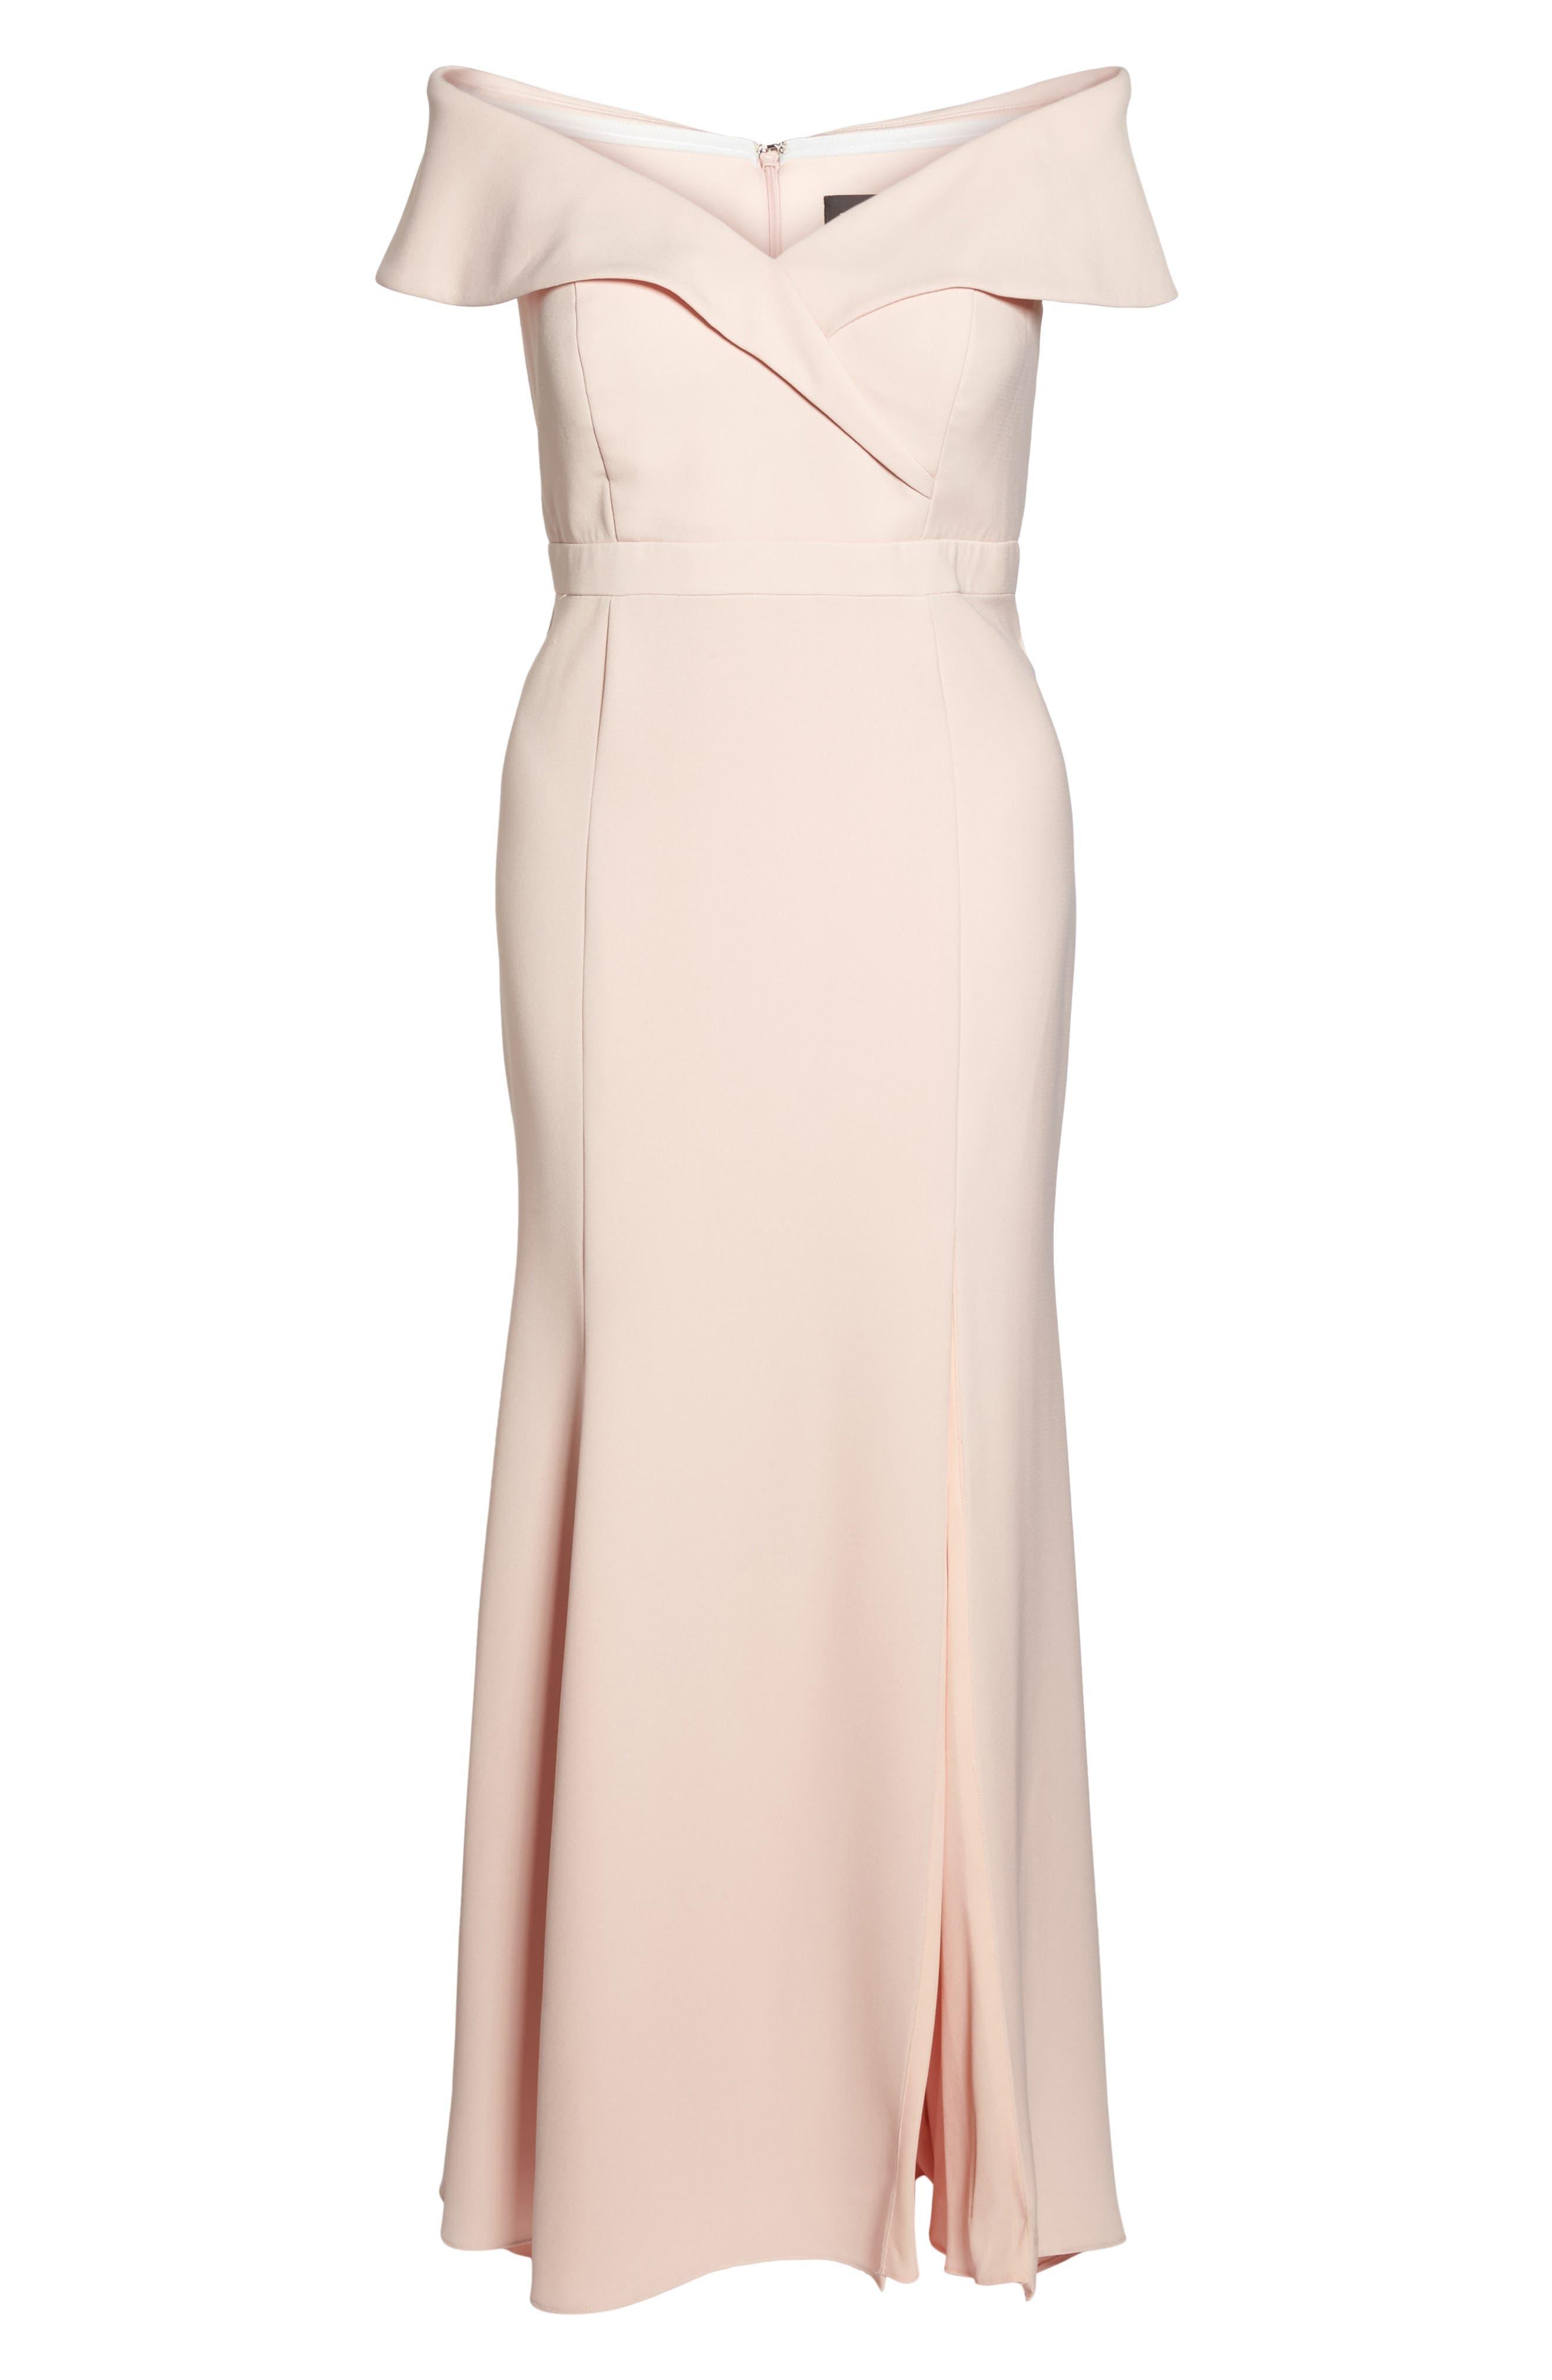 Off the Shoulder Front Slit Crepe Dress,                             Alternate thumbnail 6, color,                             Blush